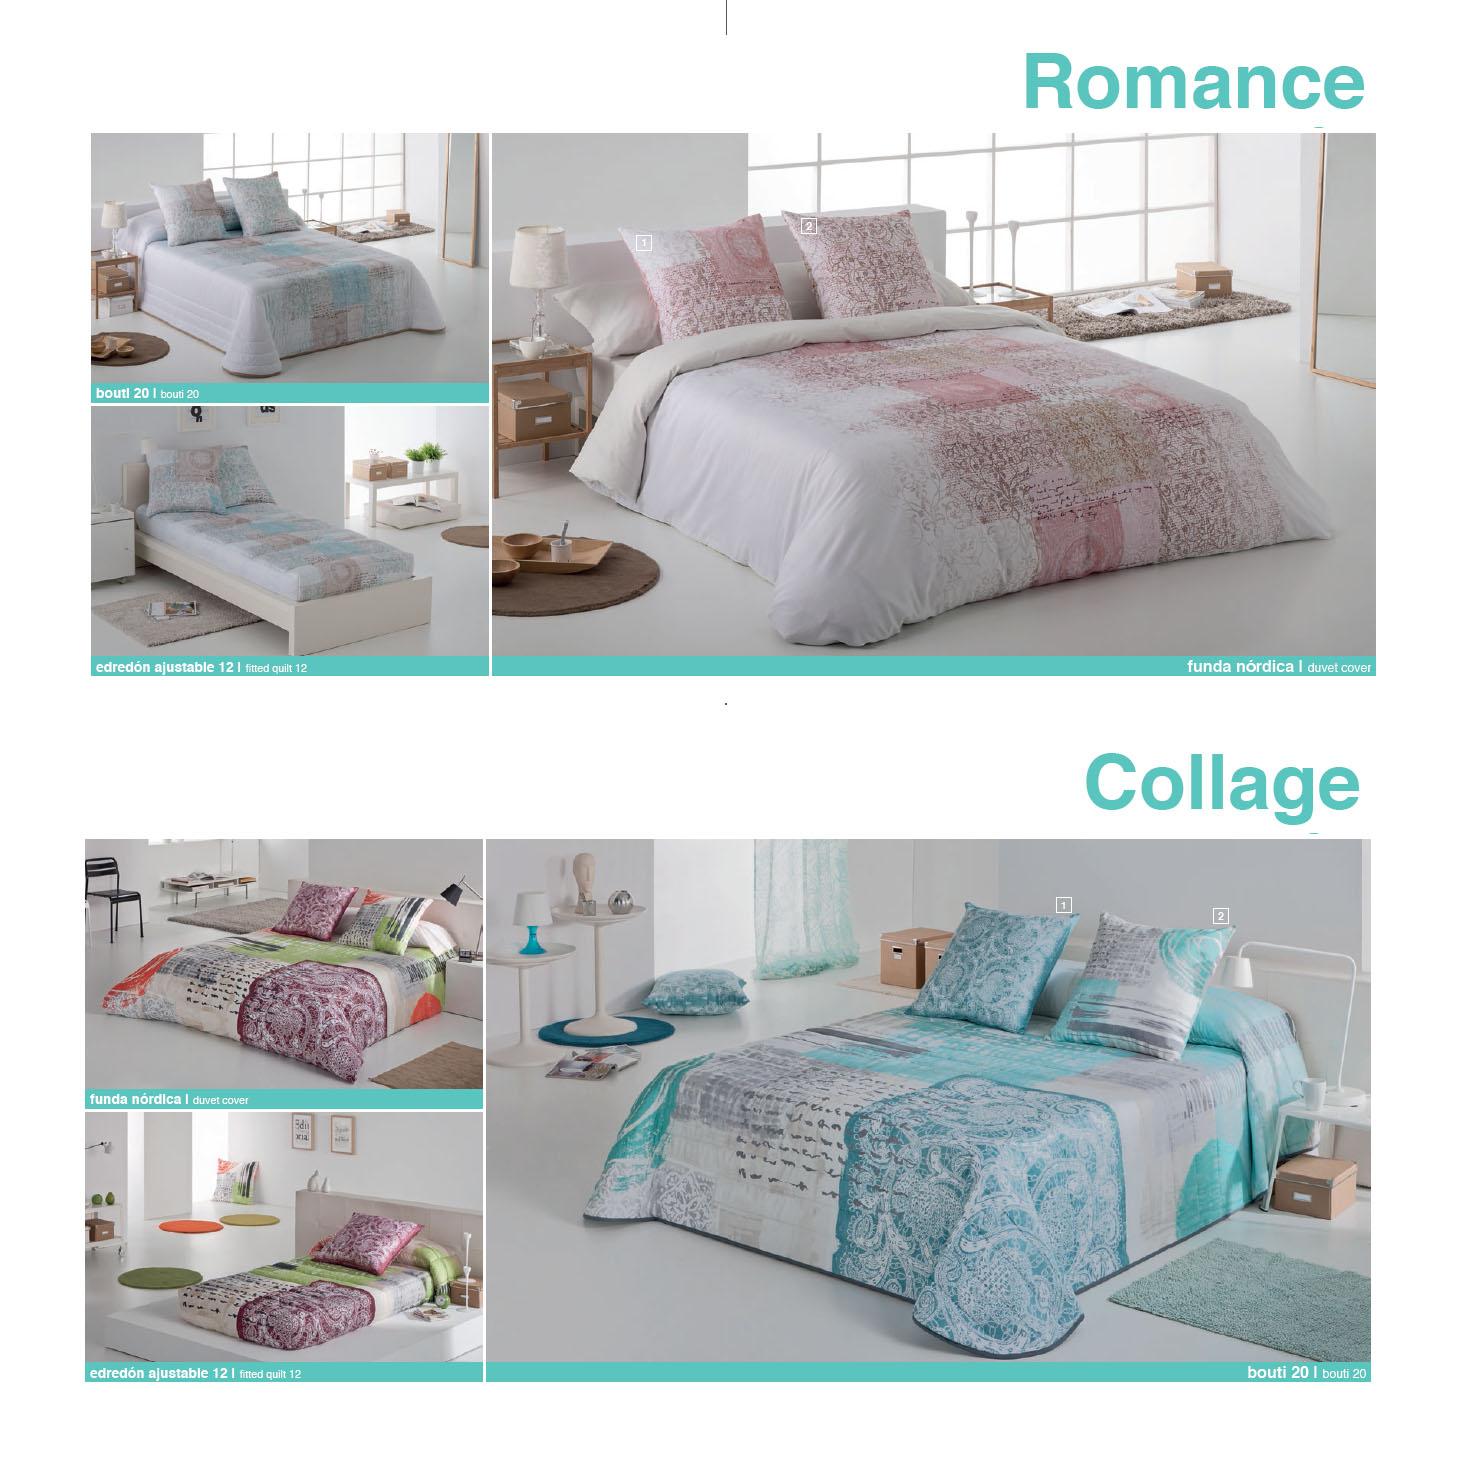 Colecci n design jvr la dama decoraci n for Simulador habitaciones online